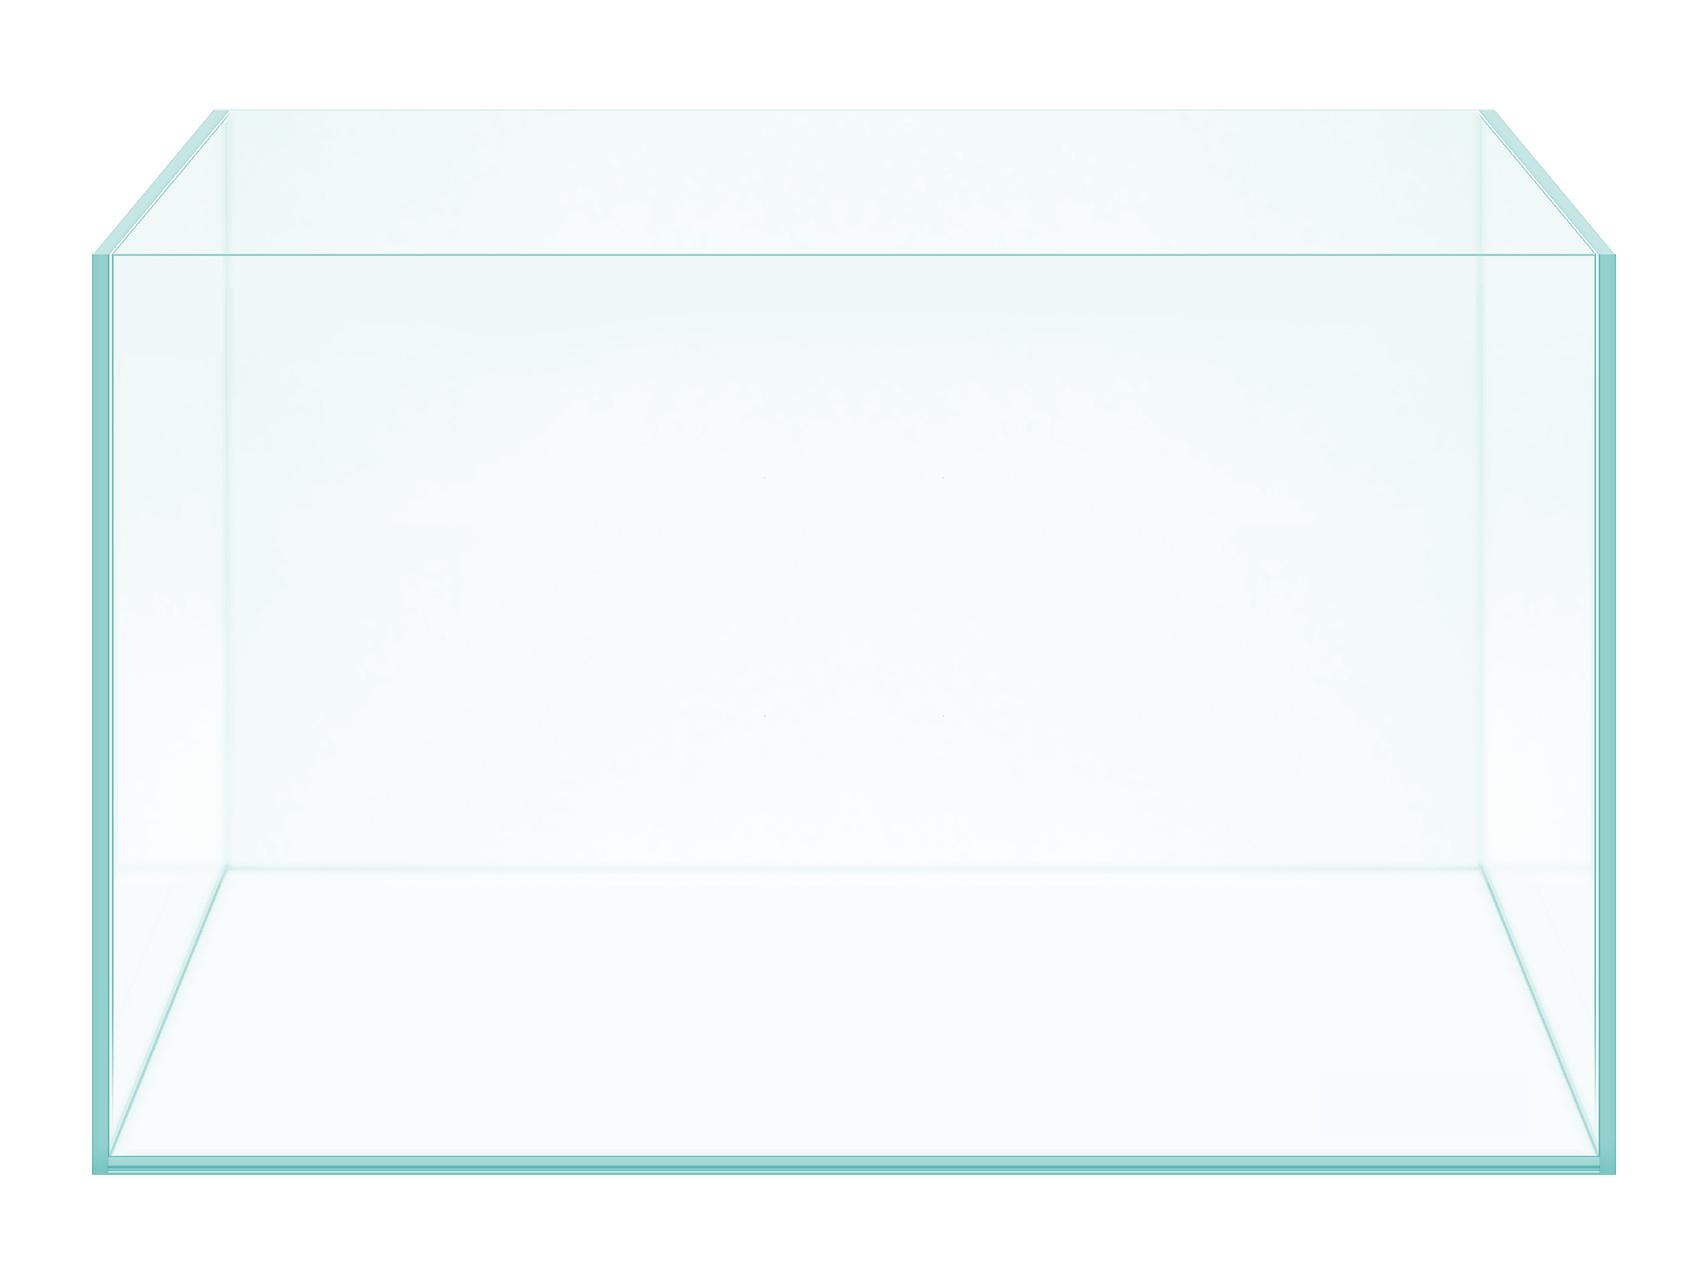 Akwarium FULL OPTIWHITE 31x18x24 4mm Polerowane